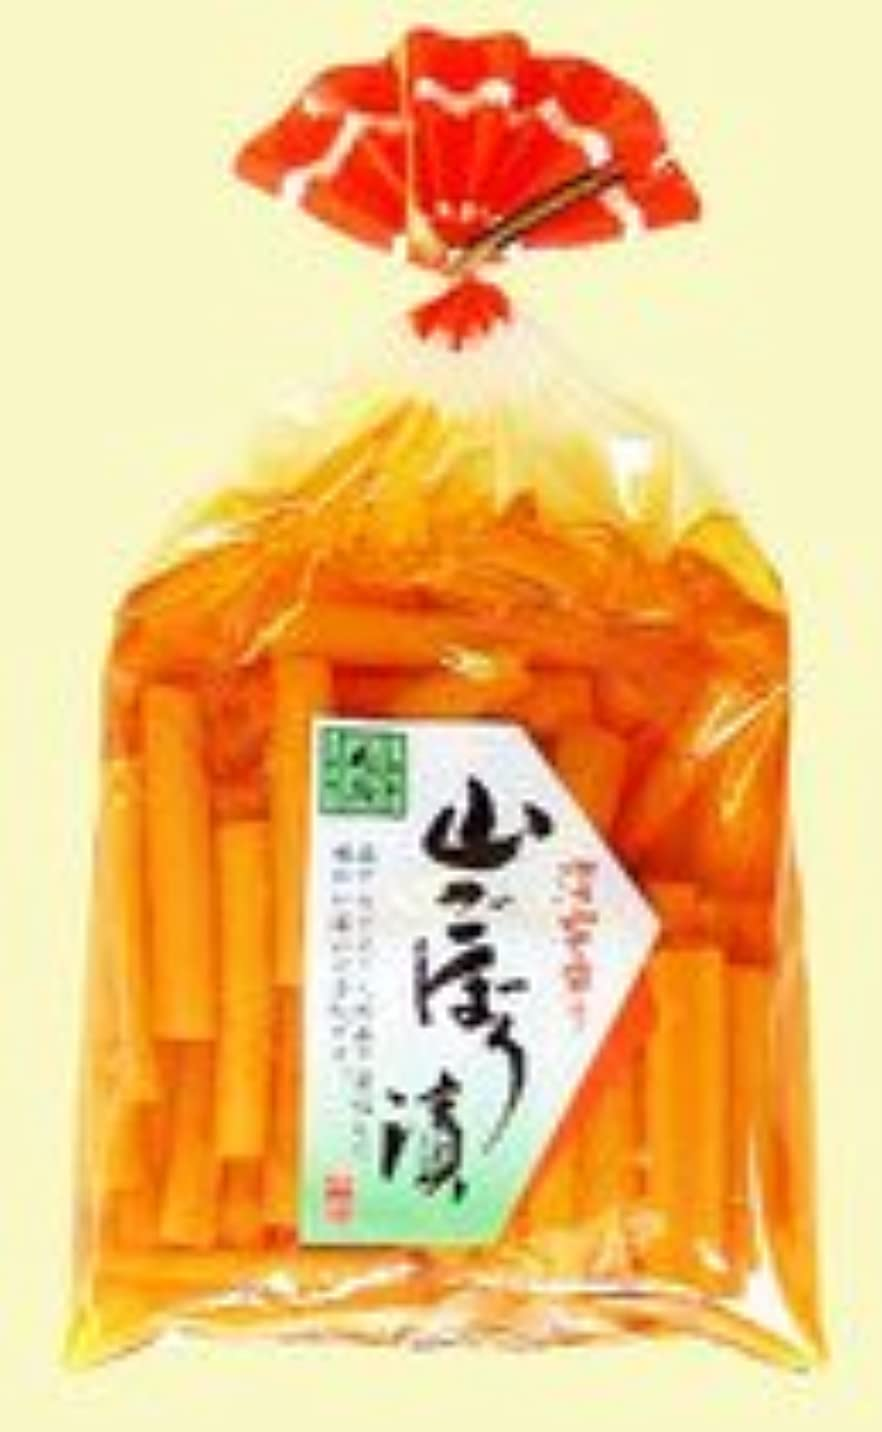 呪い負終わった九州たかな220g 醤油漬【きざみ】 九州産(高菜)